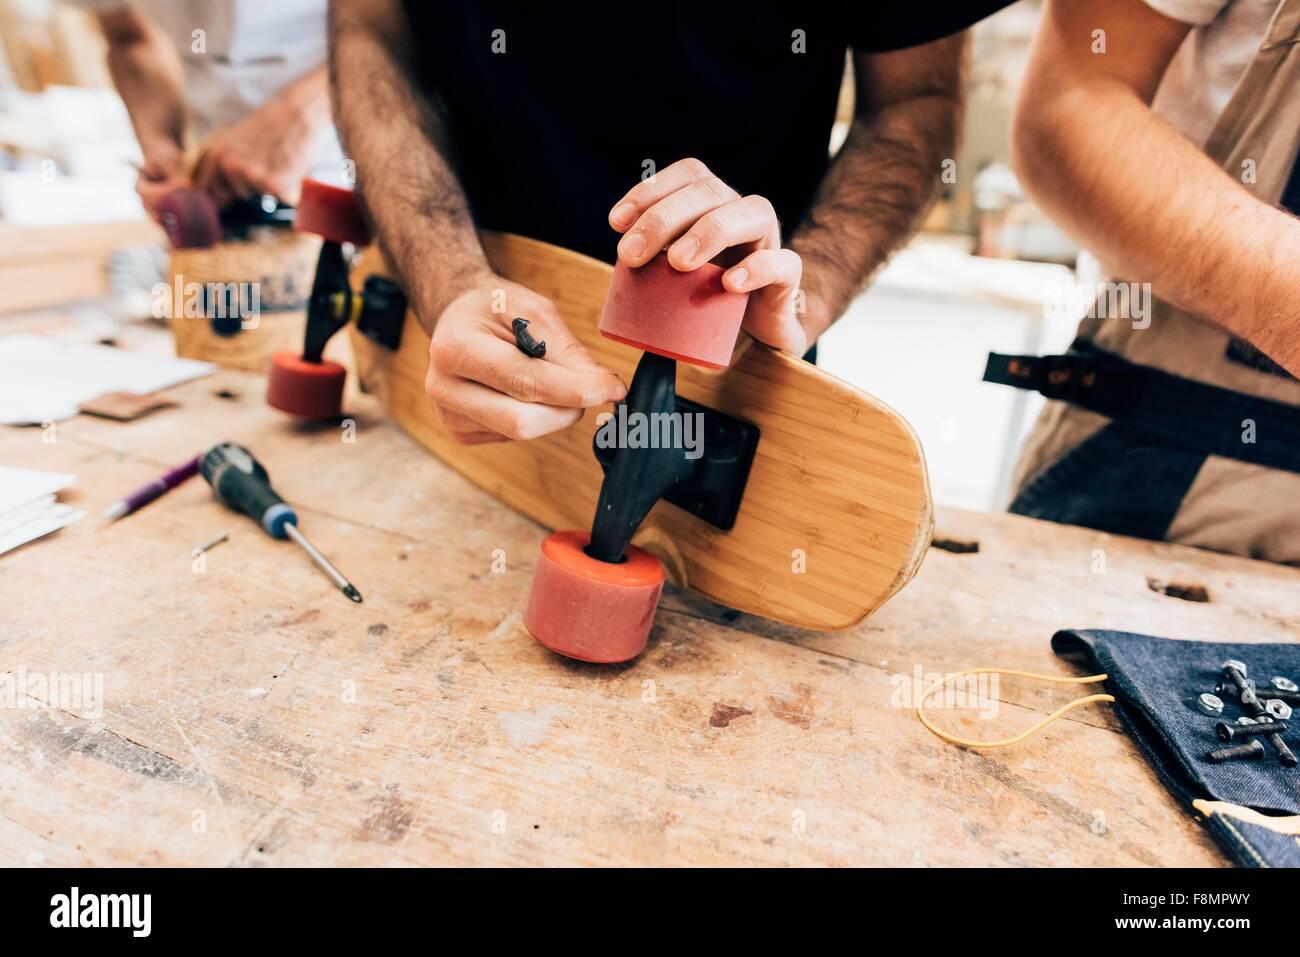 Portrait de jeunes hommes à l'atelier d'accrochage à roues skateboard Photo Stock